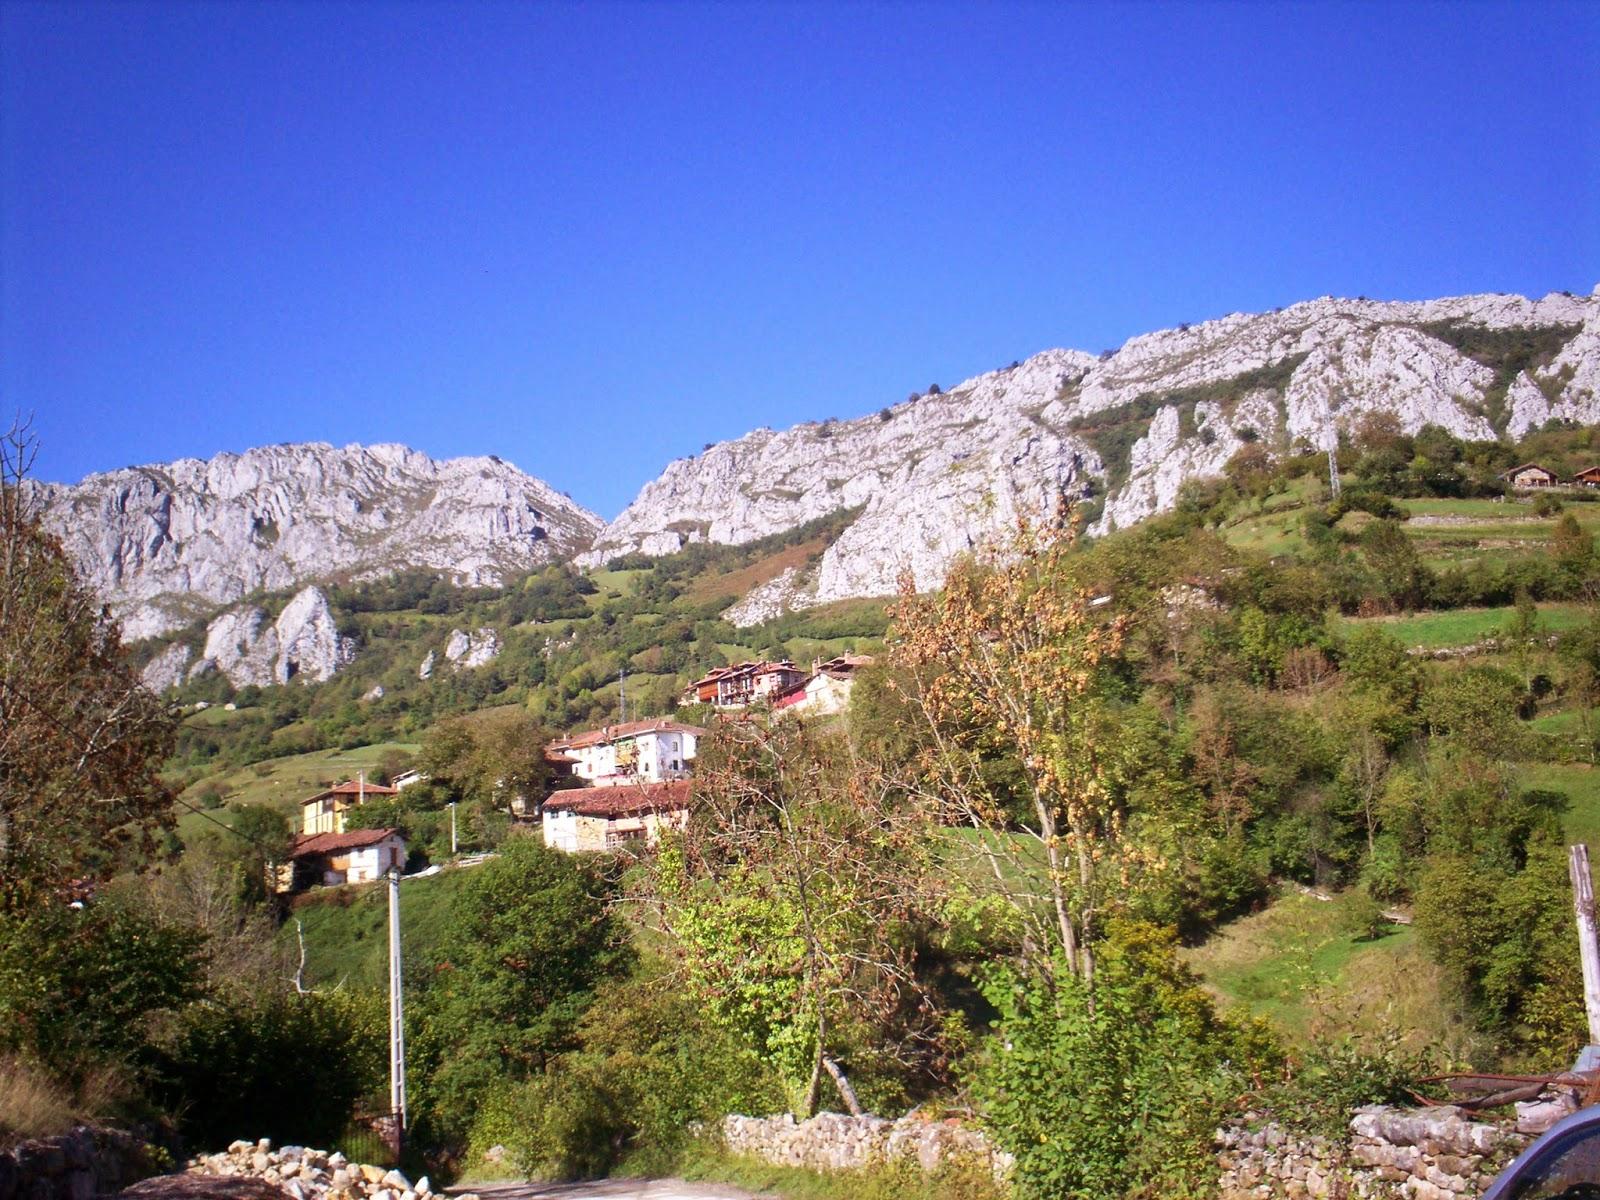 Vistas hacia el pueblo asturiano de Caleao en Redes.